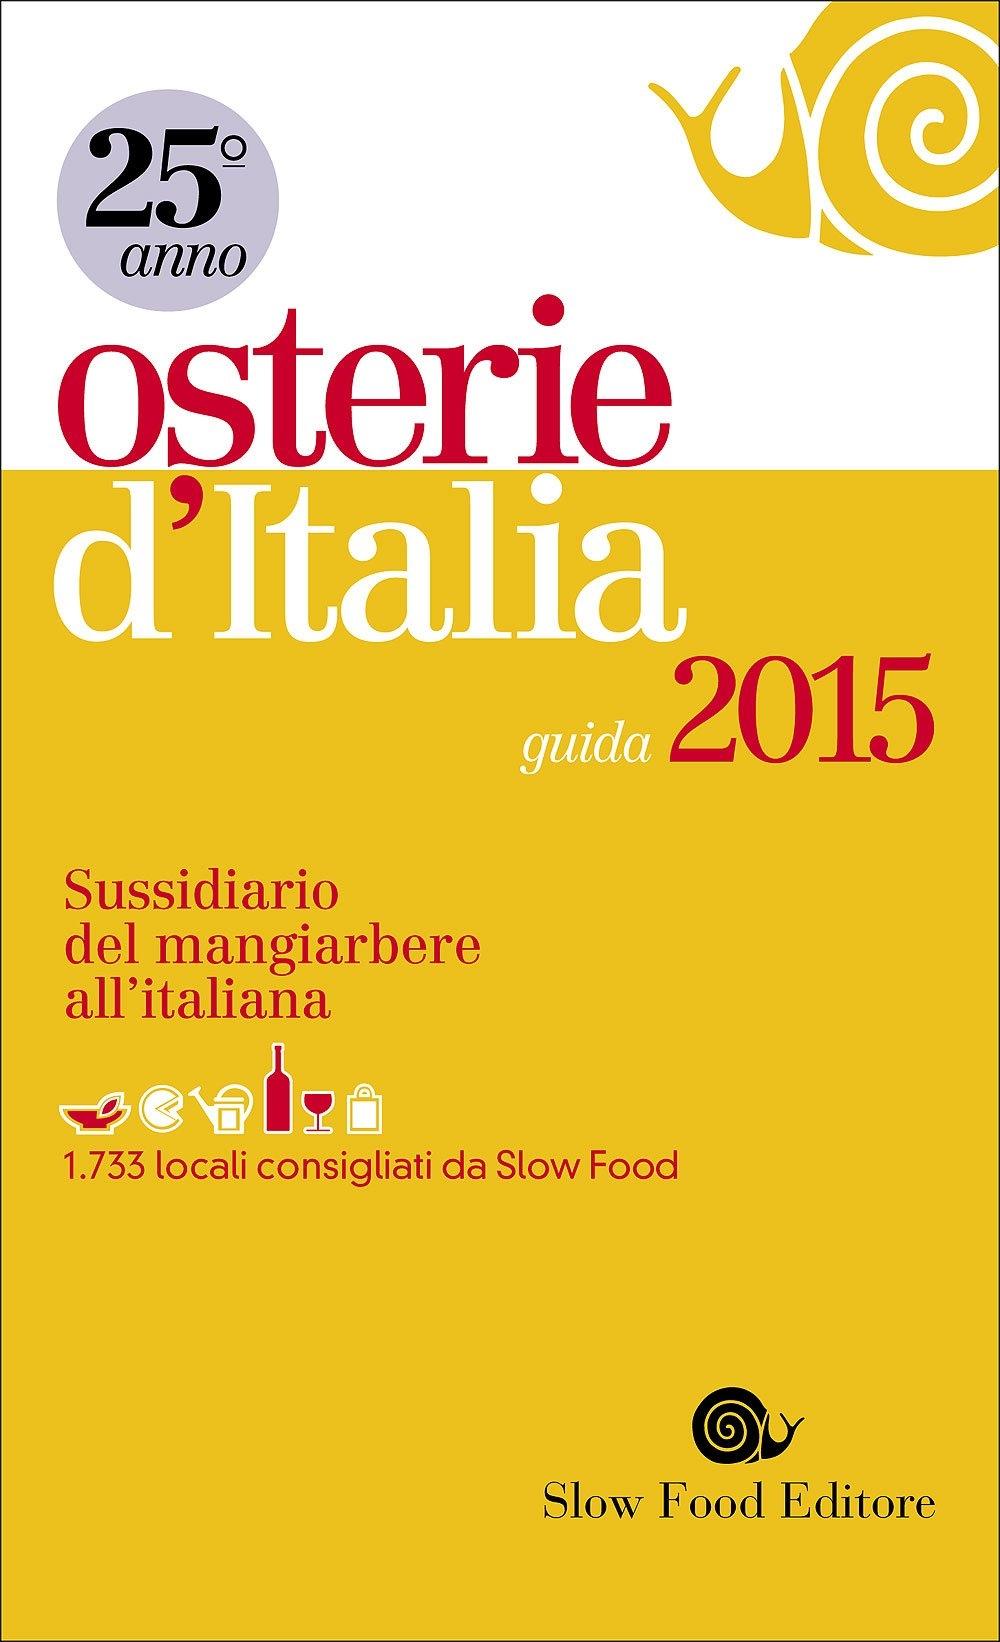 Osterie d'Italia 2015. Sussidiario del mangiarbere all'italiana